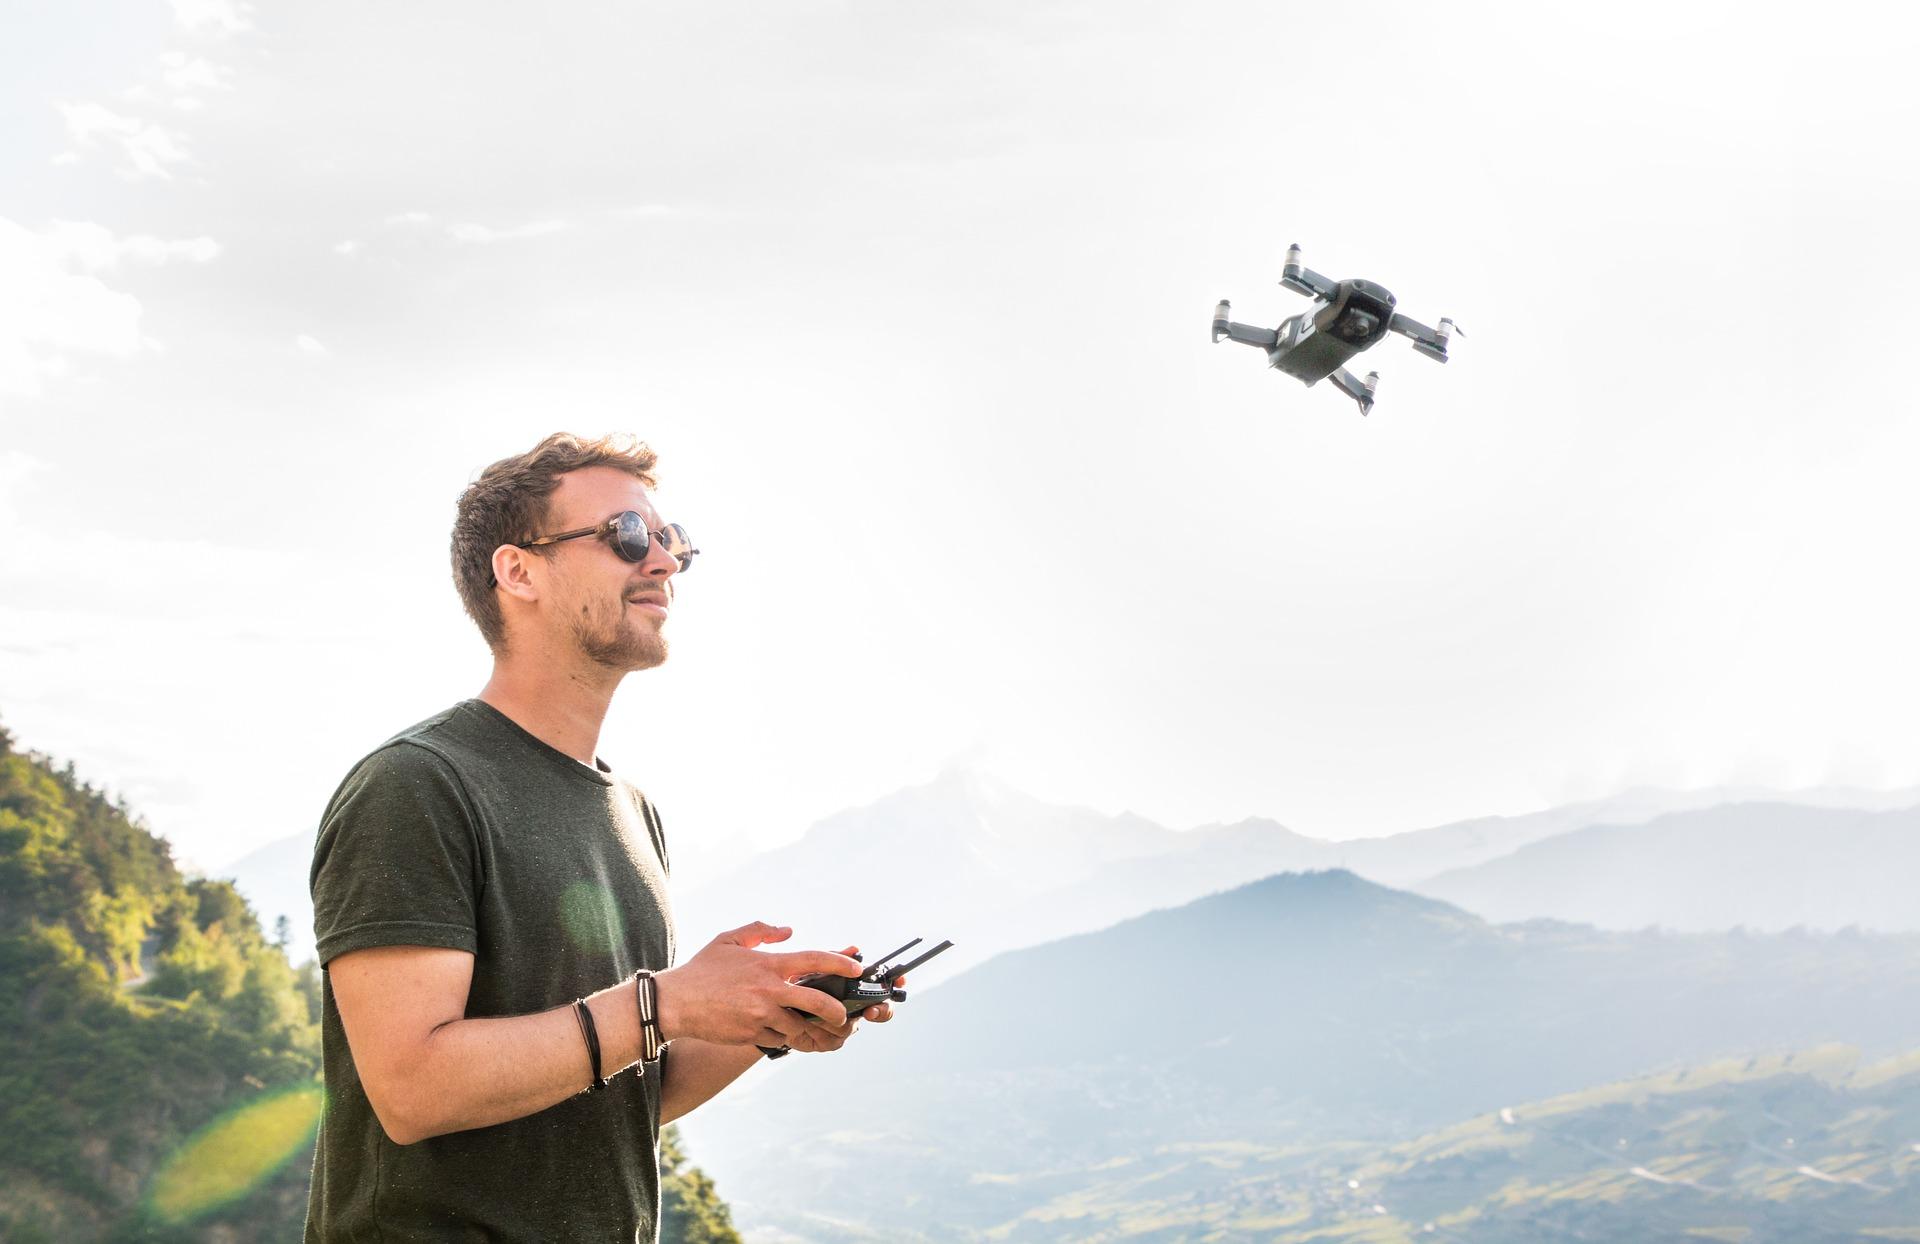 Veilig vliegen met een drone? Vijf tips